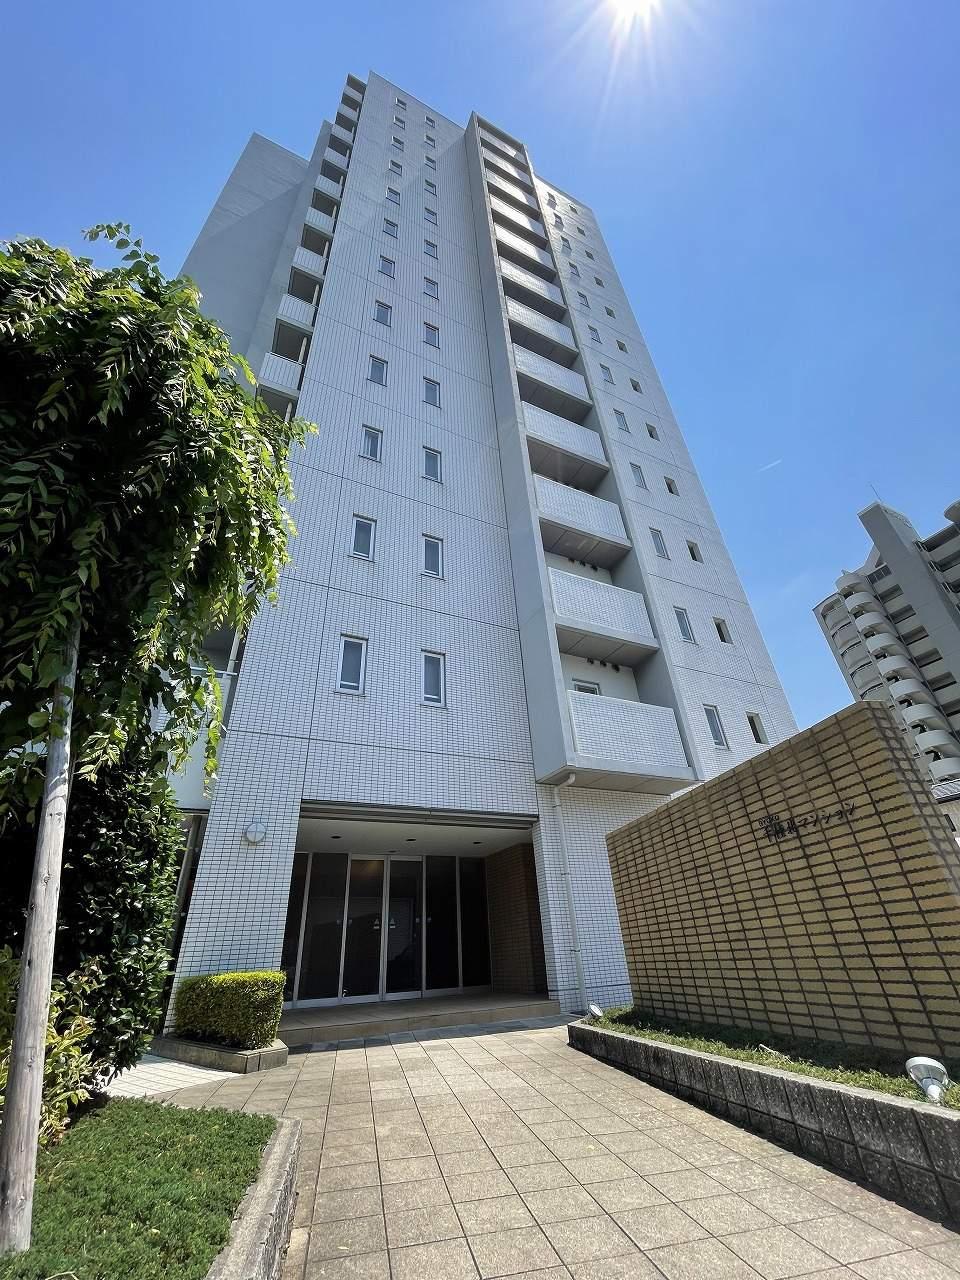 愛知県名古屋市千種区、矢田駅徒歩16分の築13年 13階建の賃貸マンション